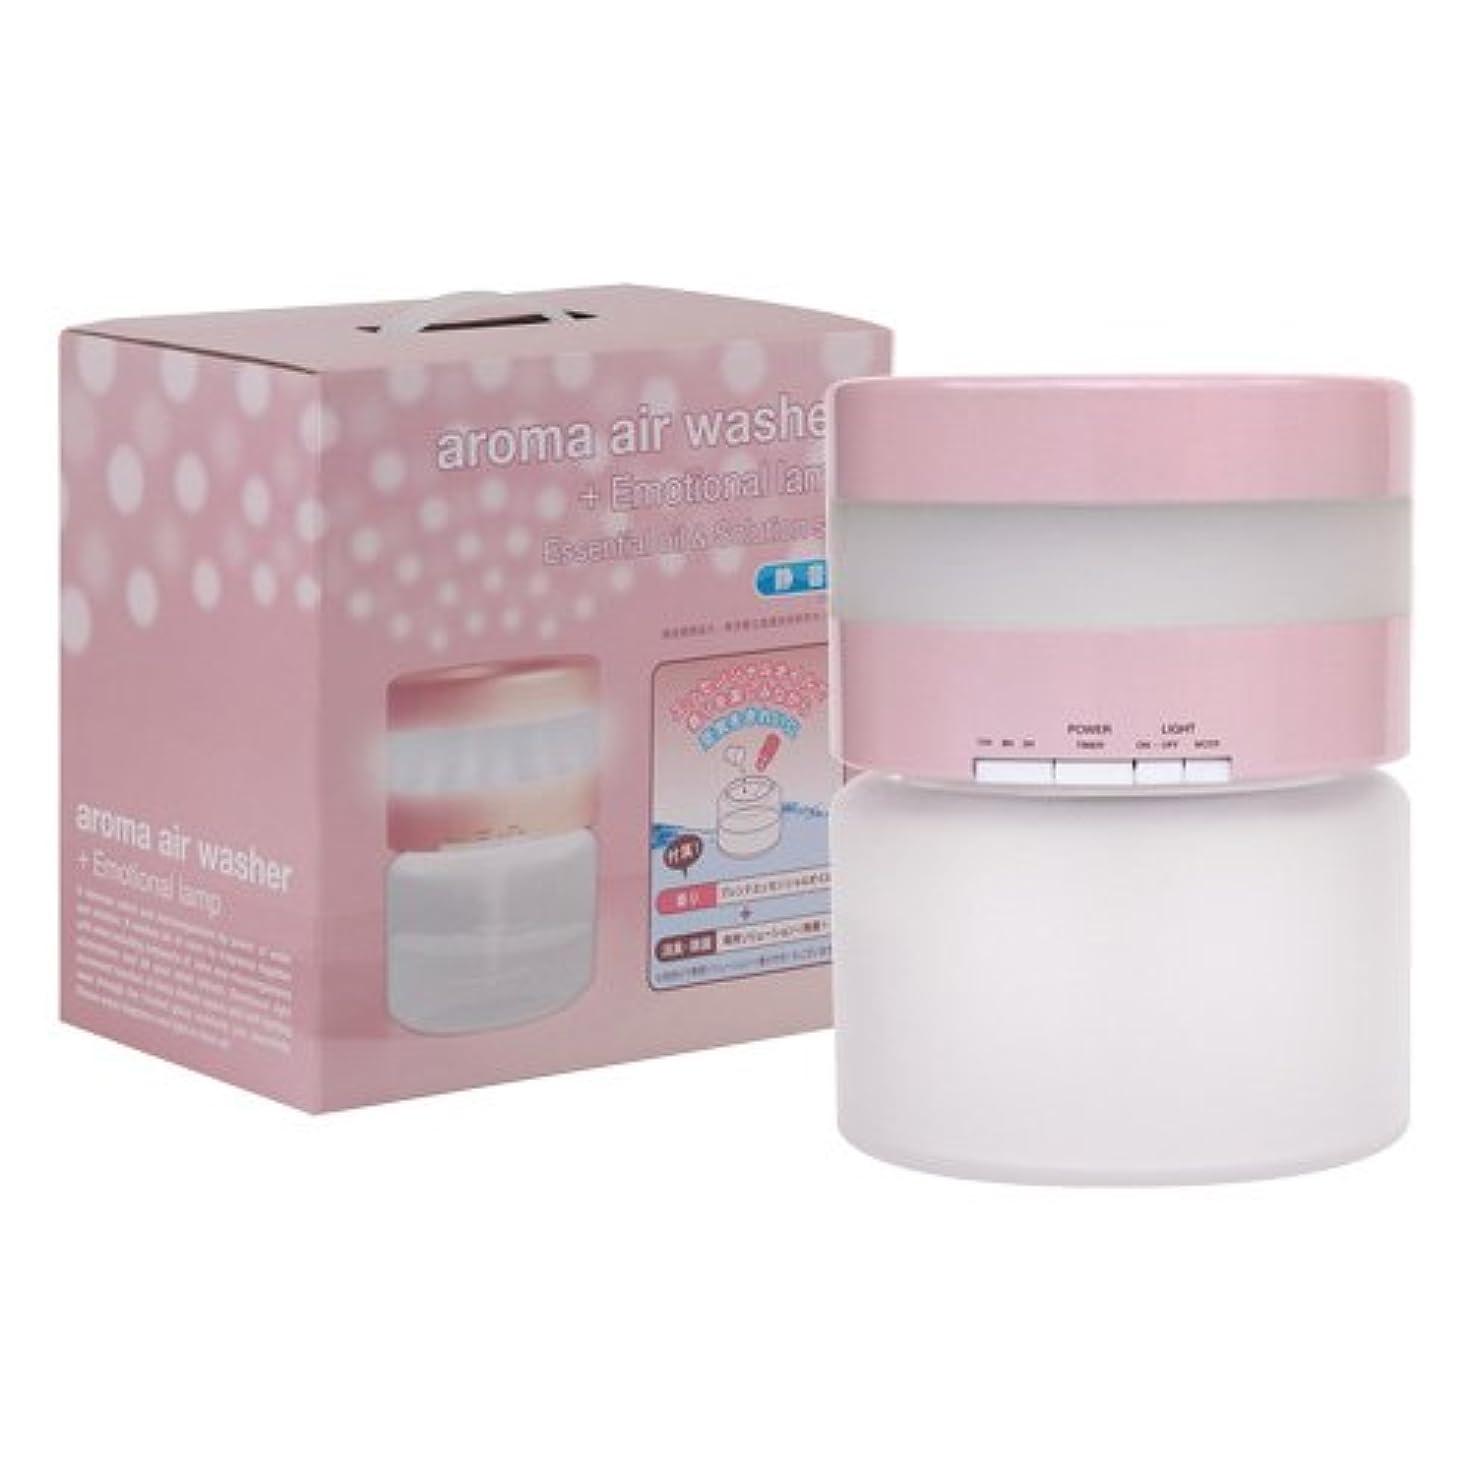 くつろぐ洋服アパート空気洗浄器 アロマエアウォッシャー + エモーショナルランプ ピンク